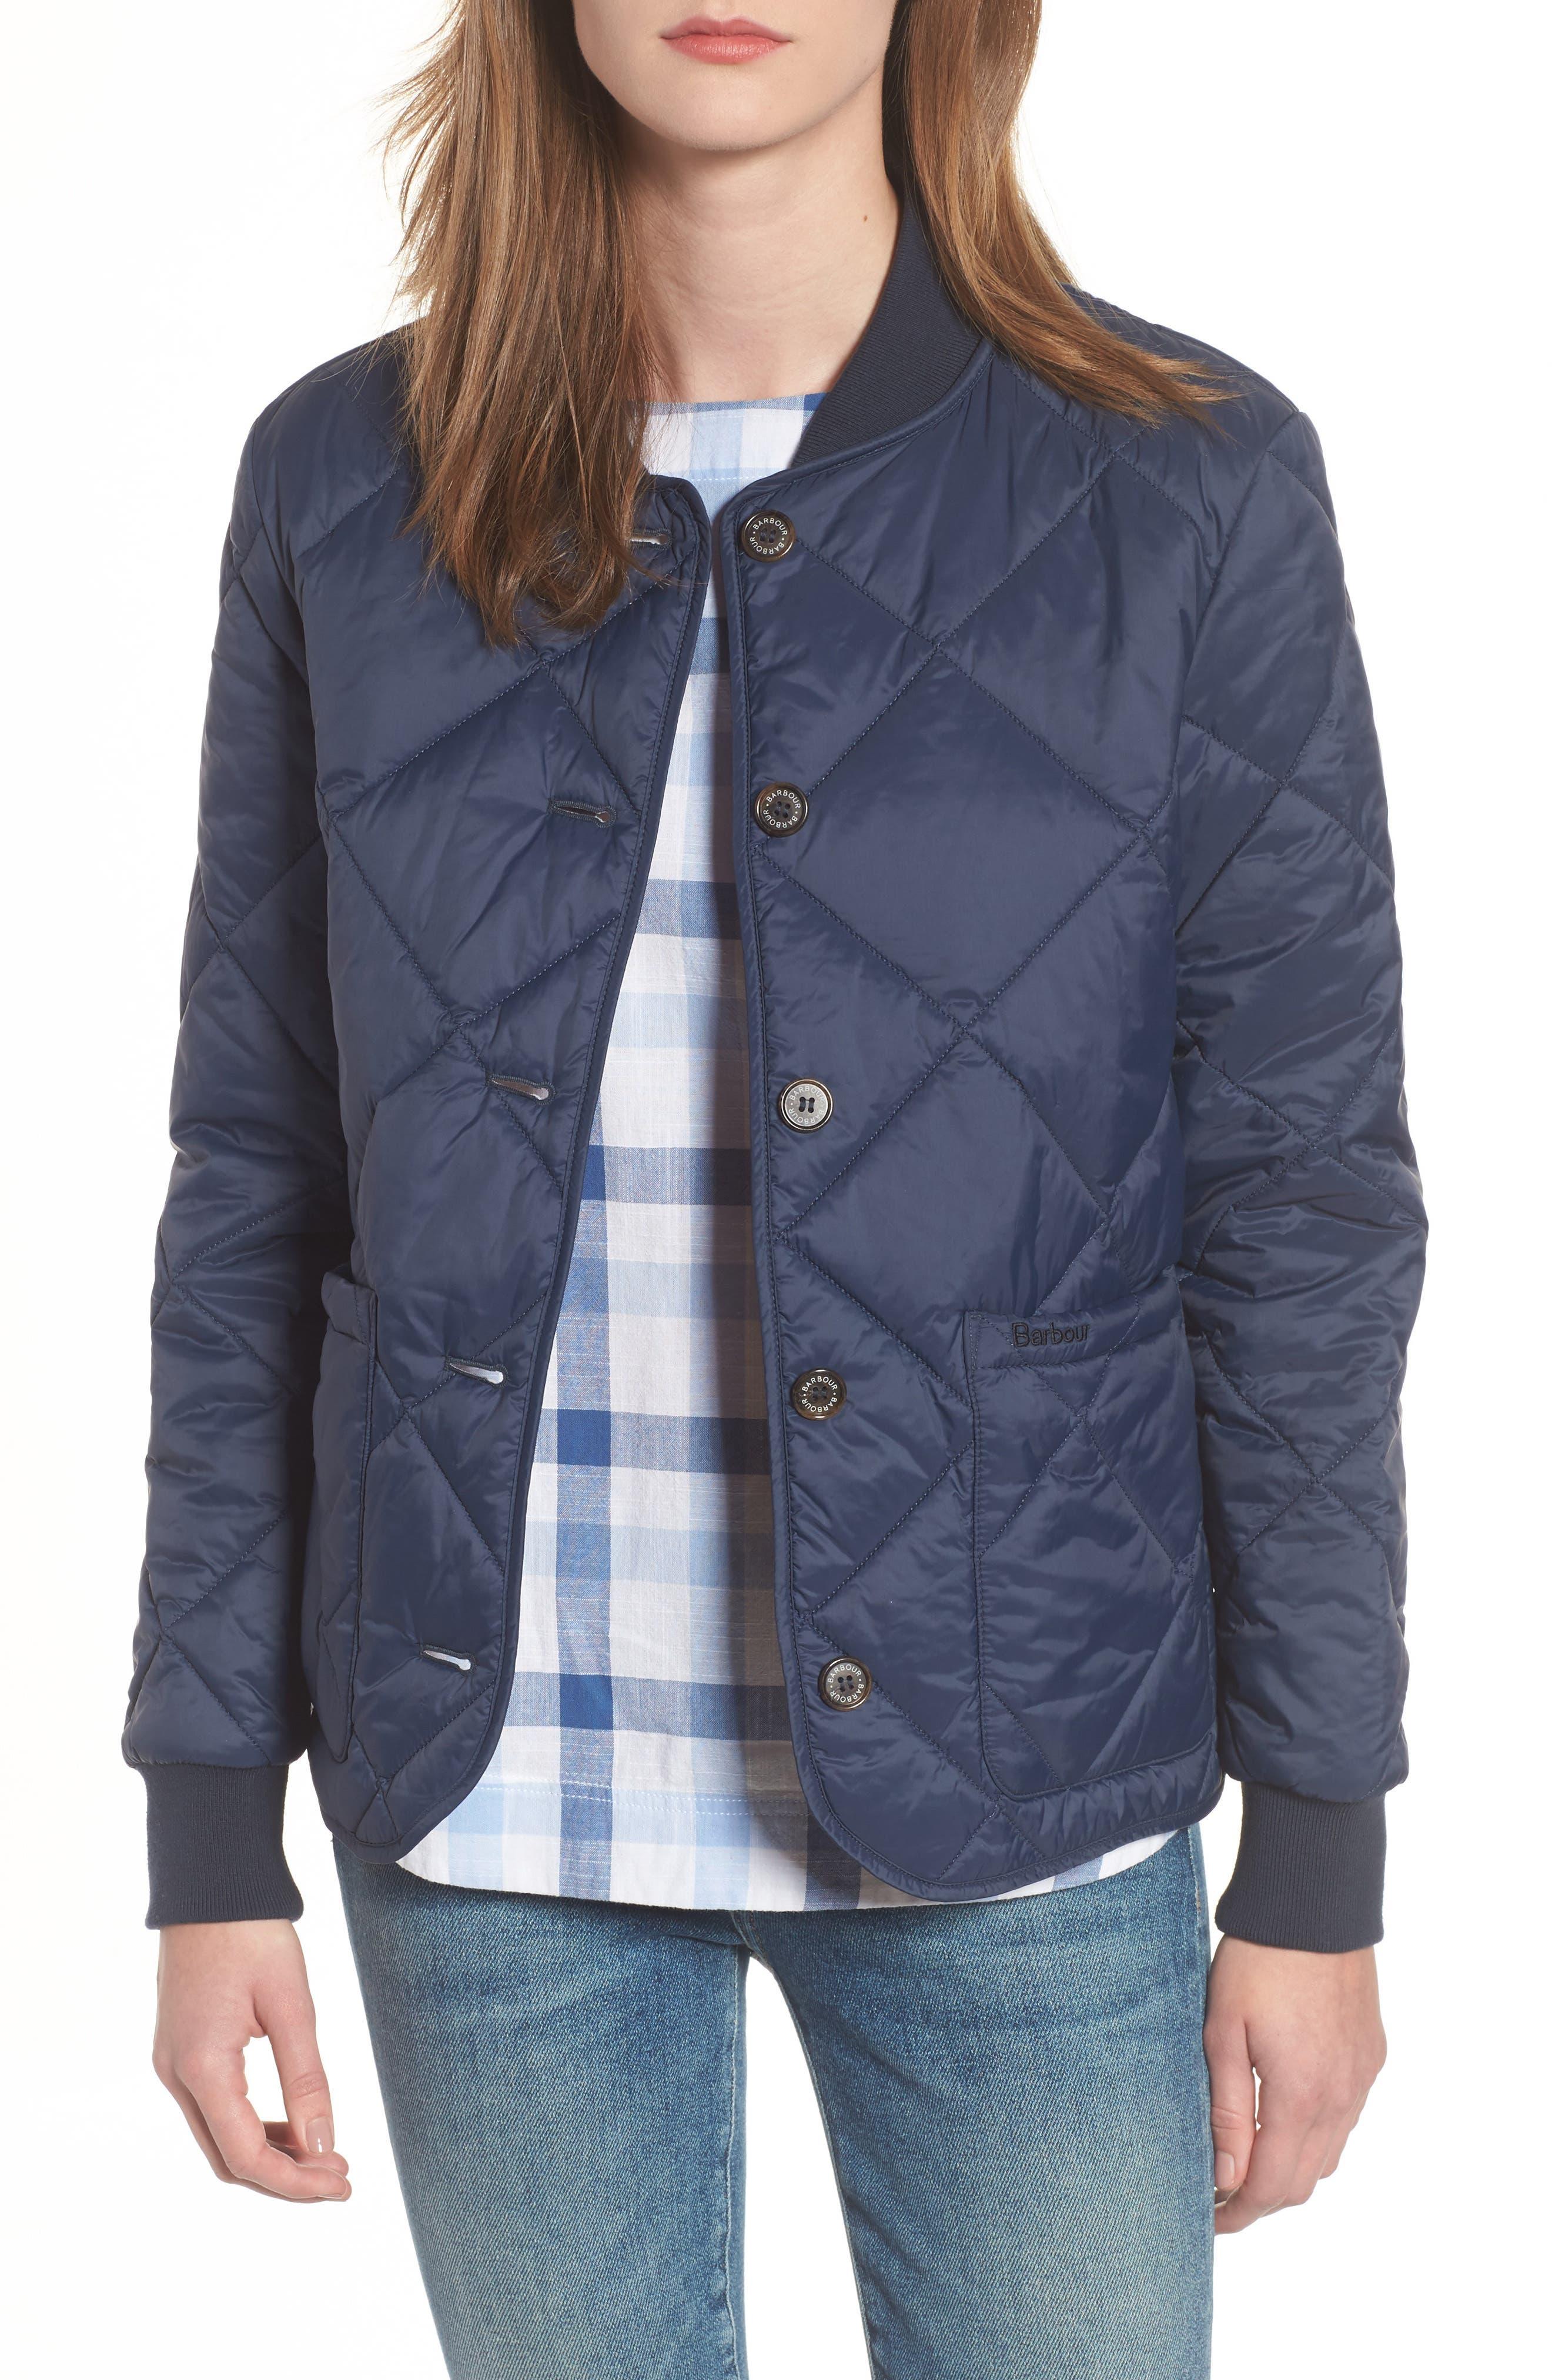 Freckleton Jacket,                         Main,                         color, Royal Navy